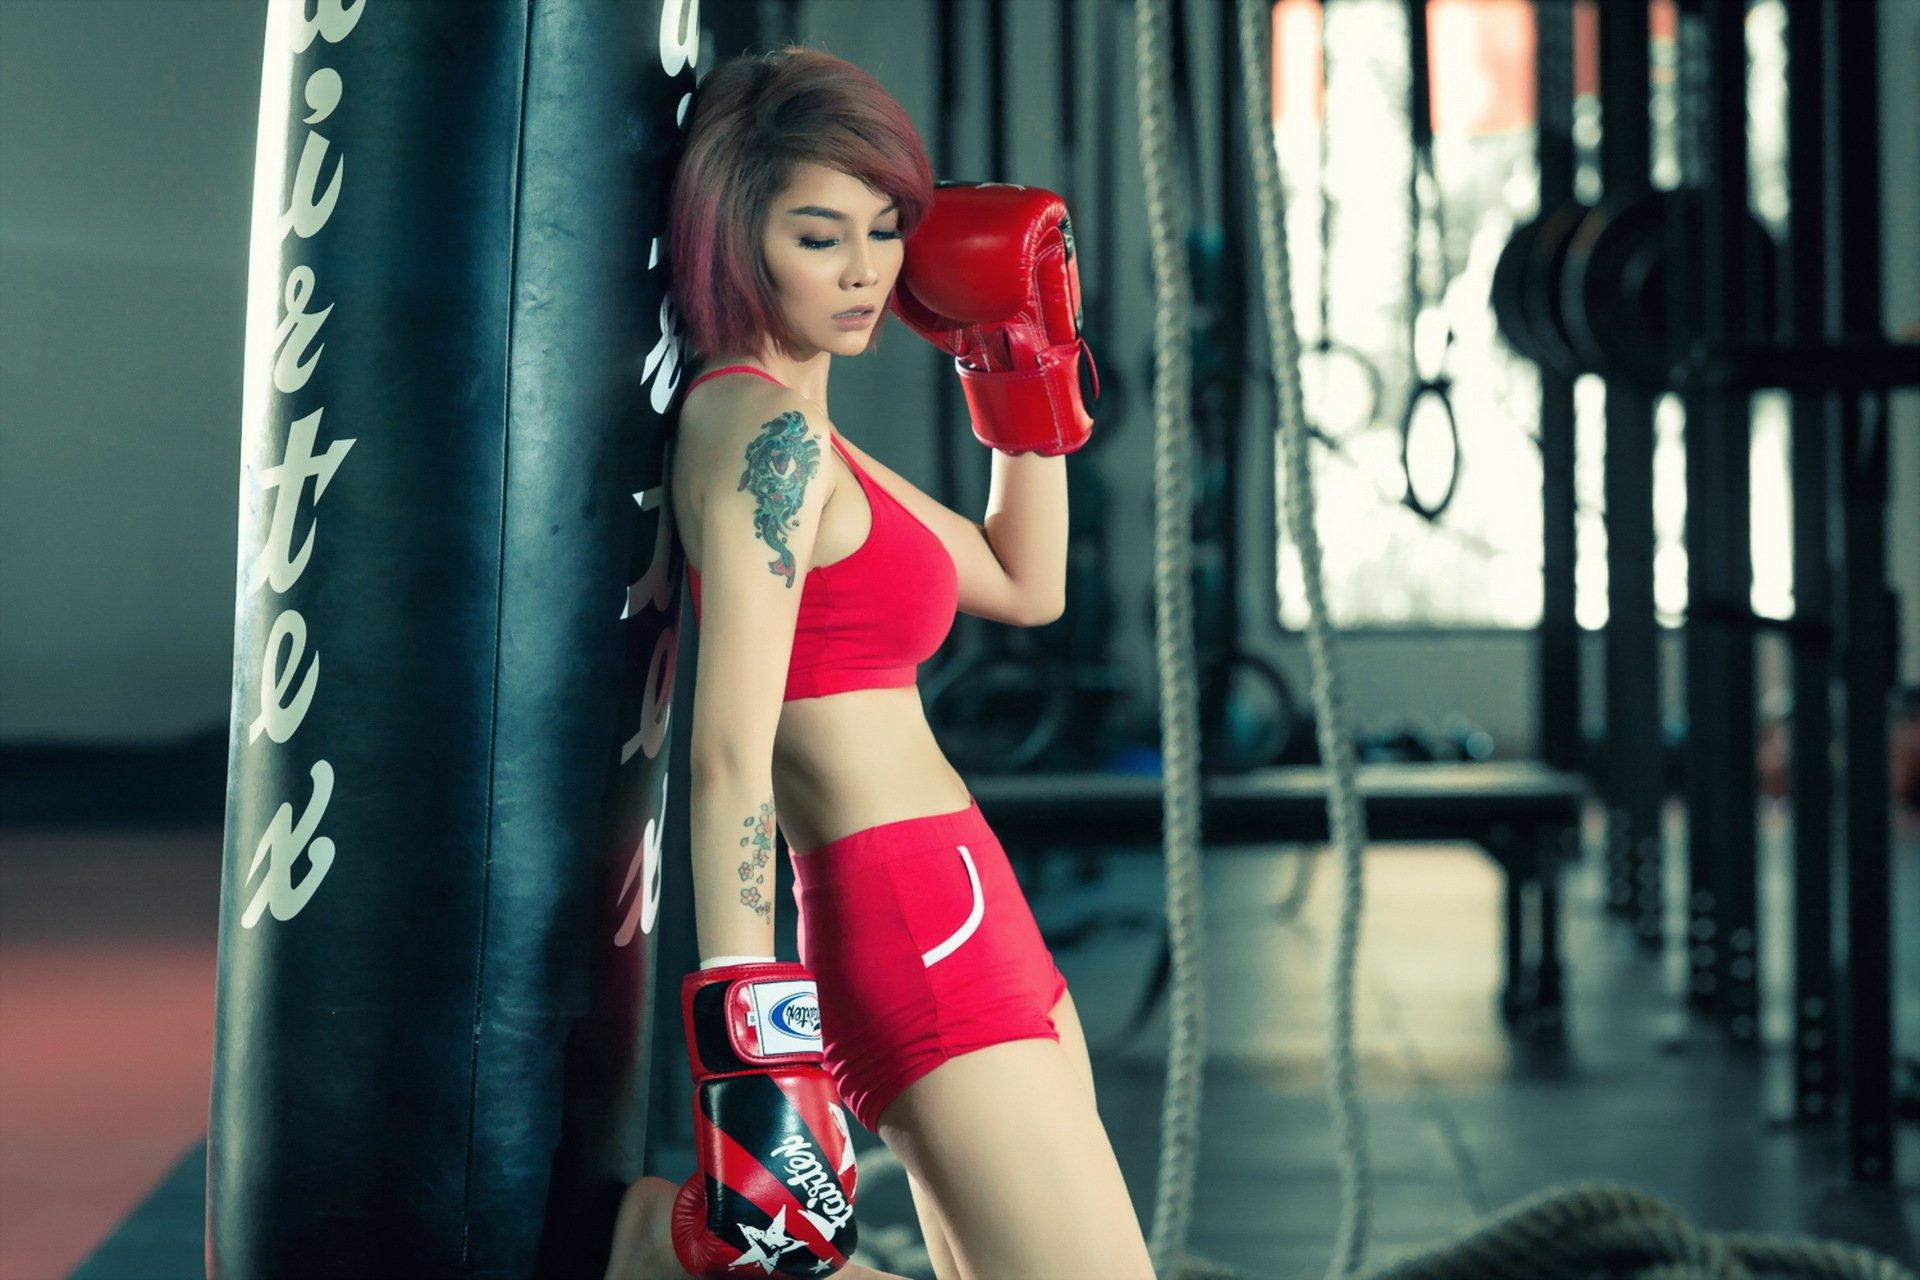 девушка боксерка скачать